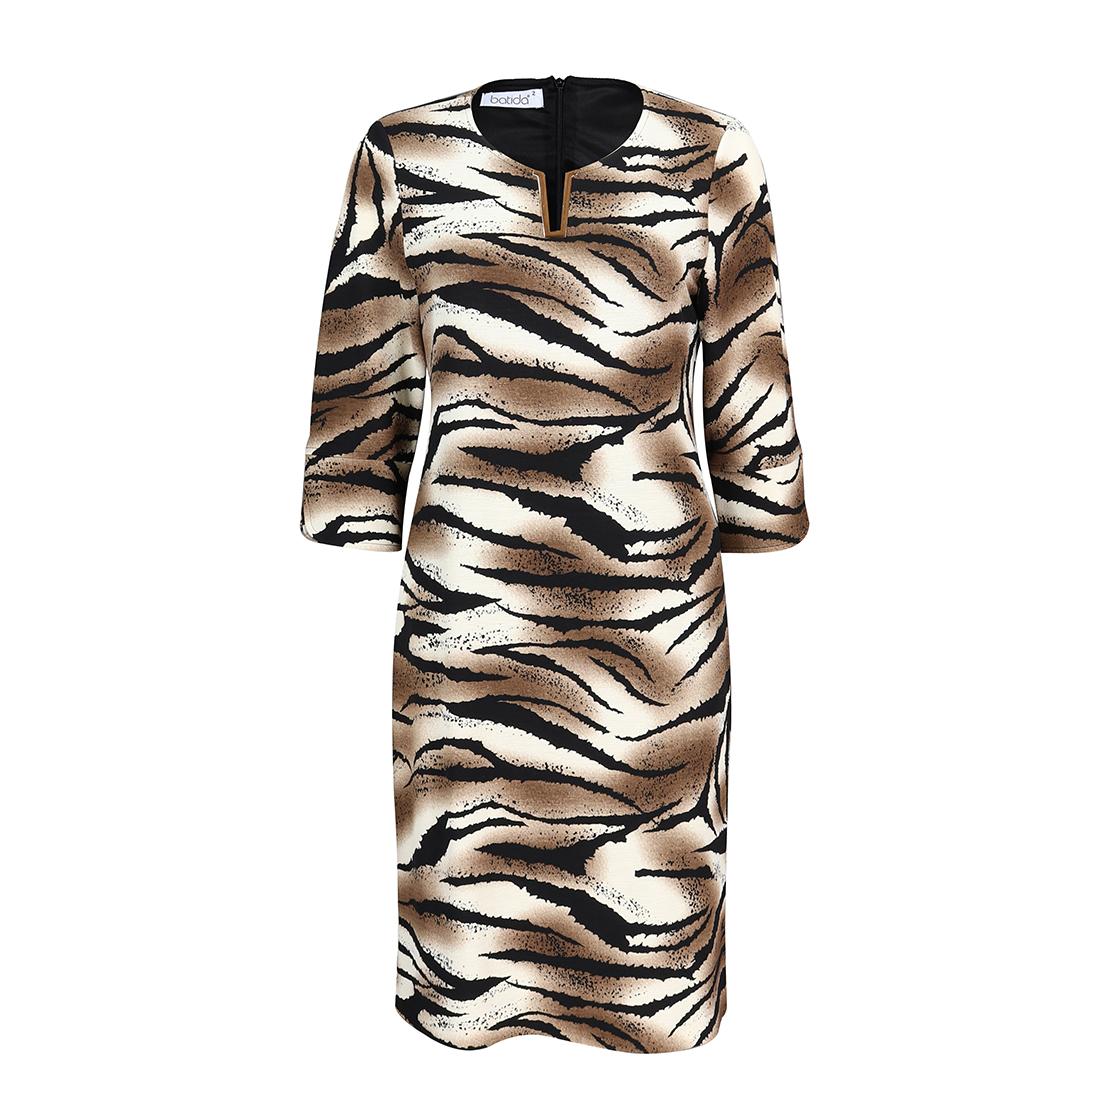 Smit Mode Batida jurk 8047 in het Zwart Beige